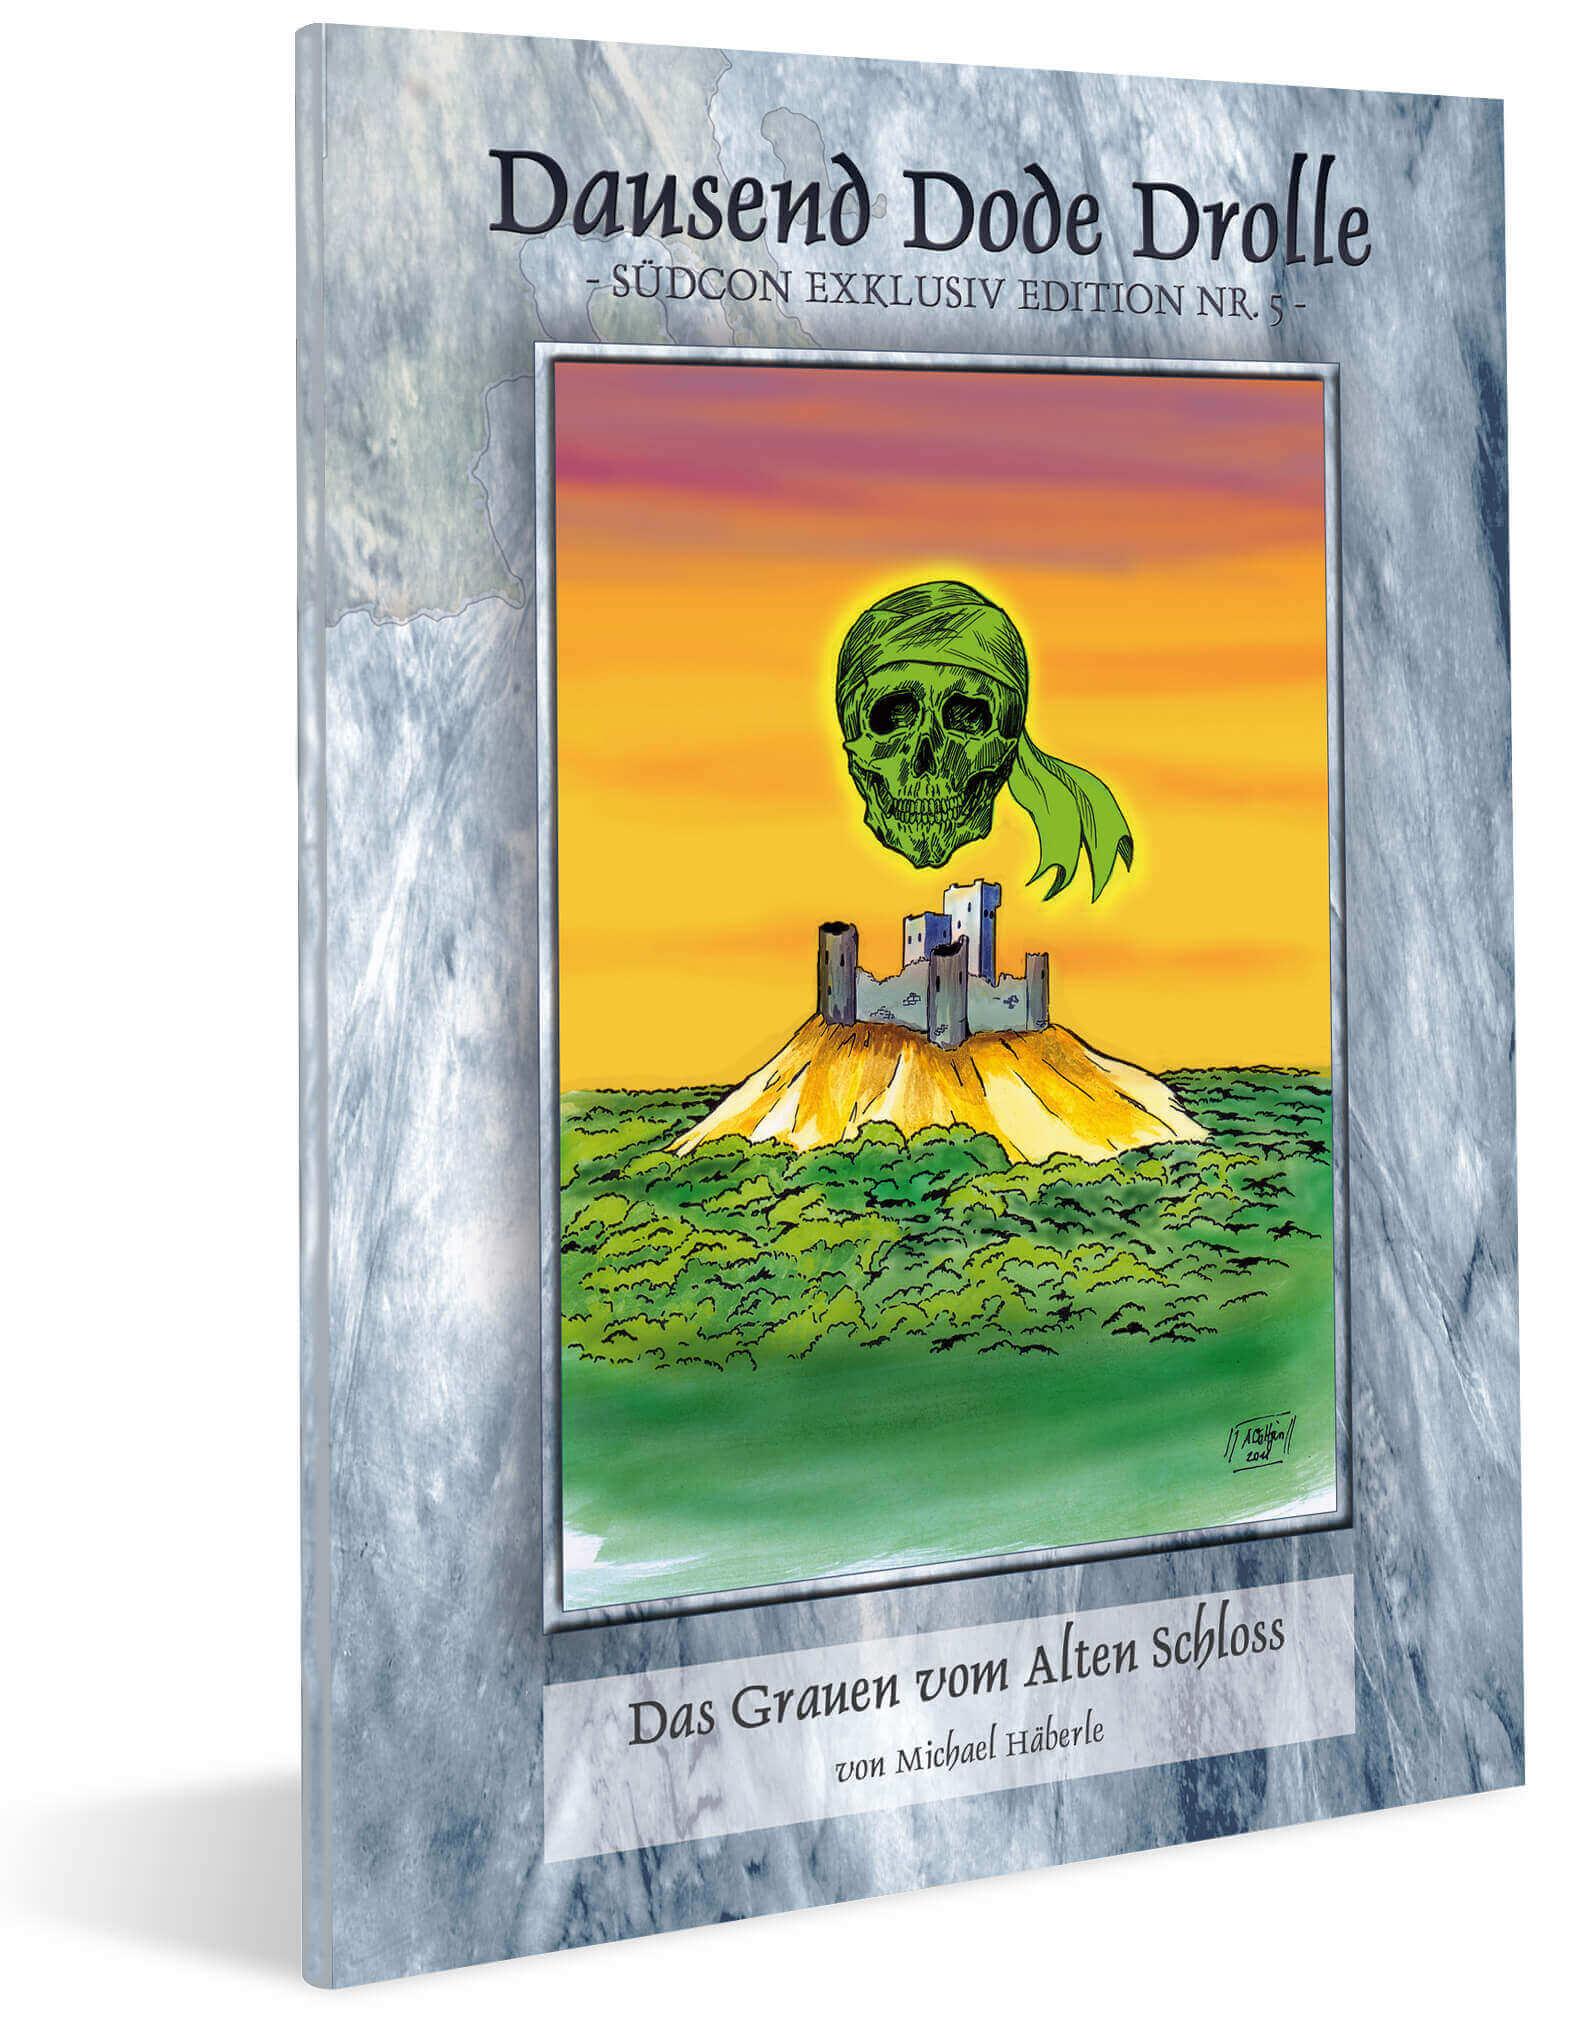 Cover Midgard Südcon Abenteuerband Das Grauen vom Alten Schloss